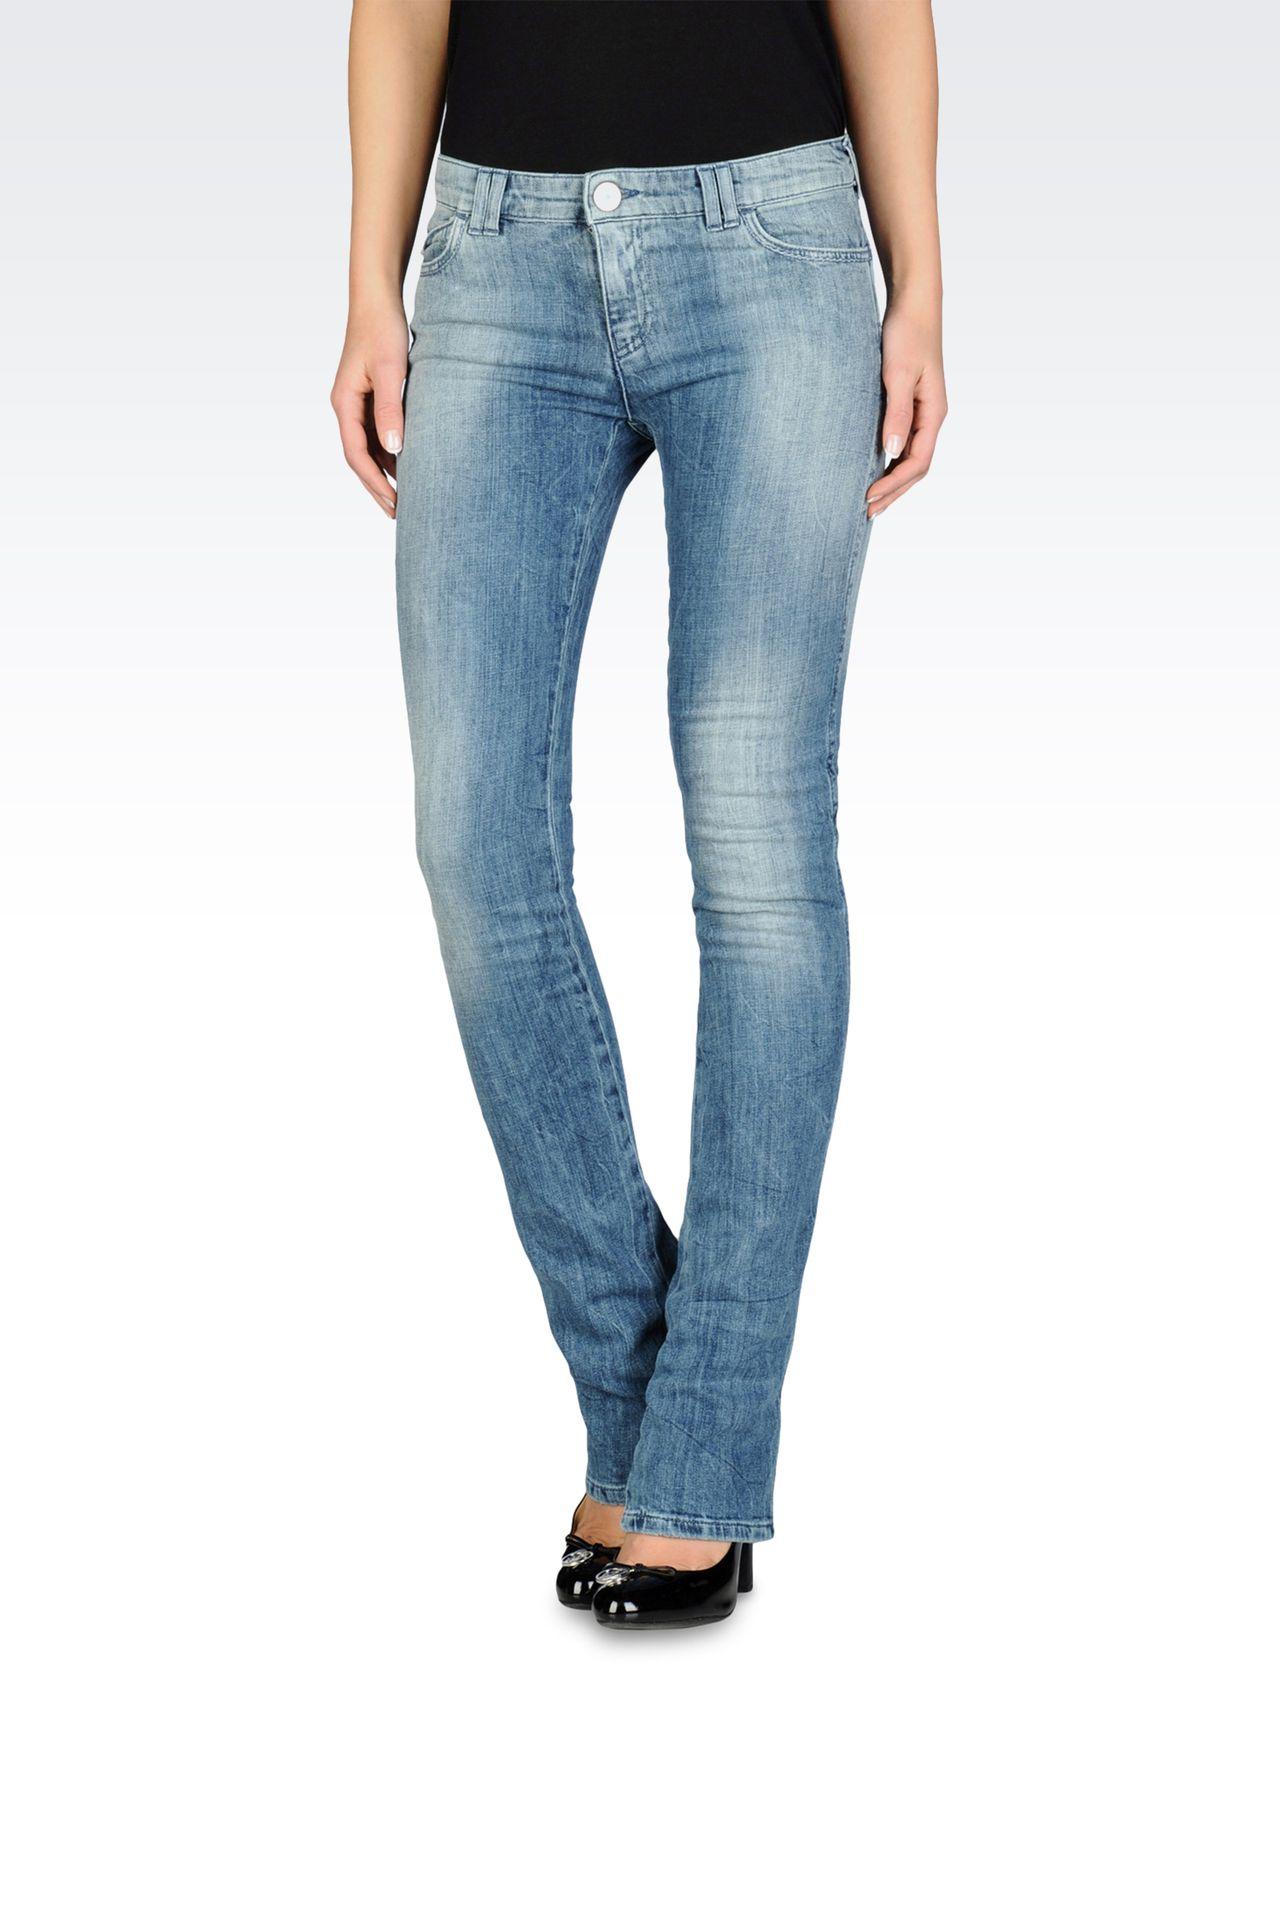 armani jeans women slim fit jeans used look medium light. Black Bedroom Furniture Sets. Home Design Ideas